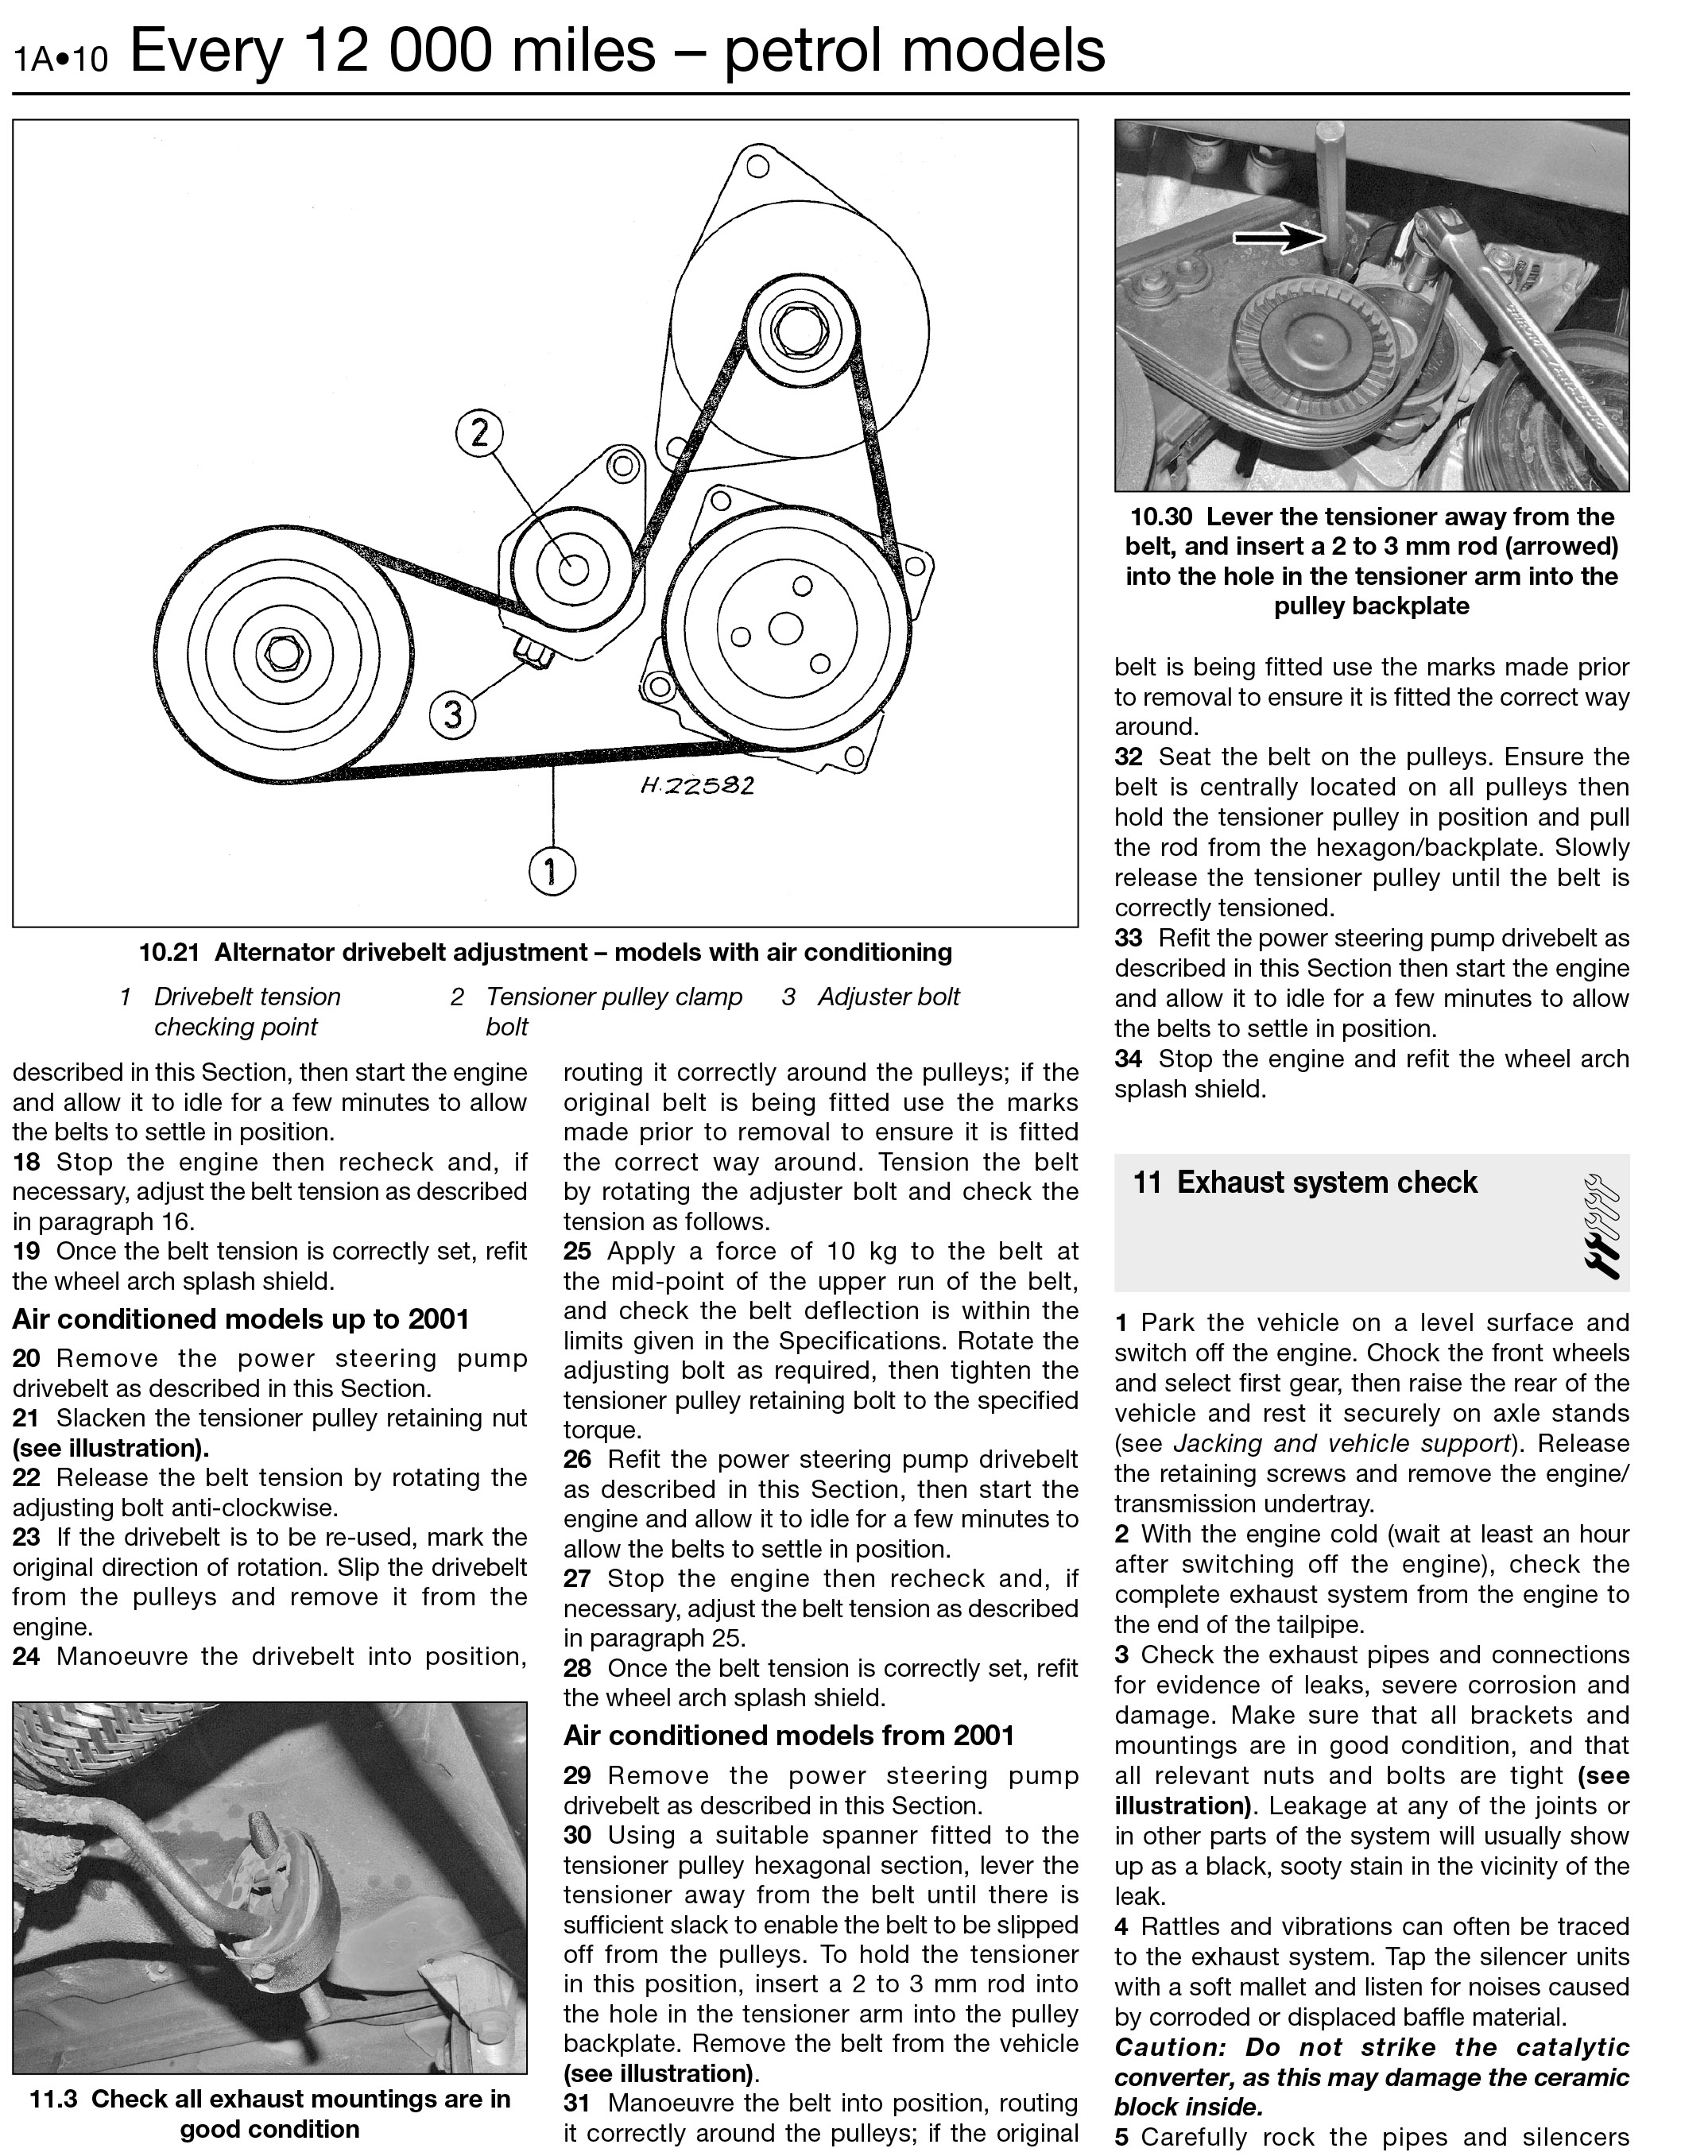 Land Rover Freelander (1997 - 2006) Repair Manuals